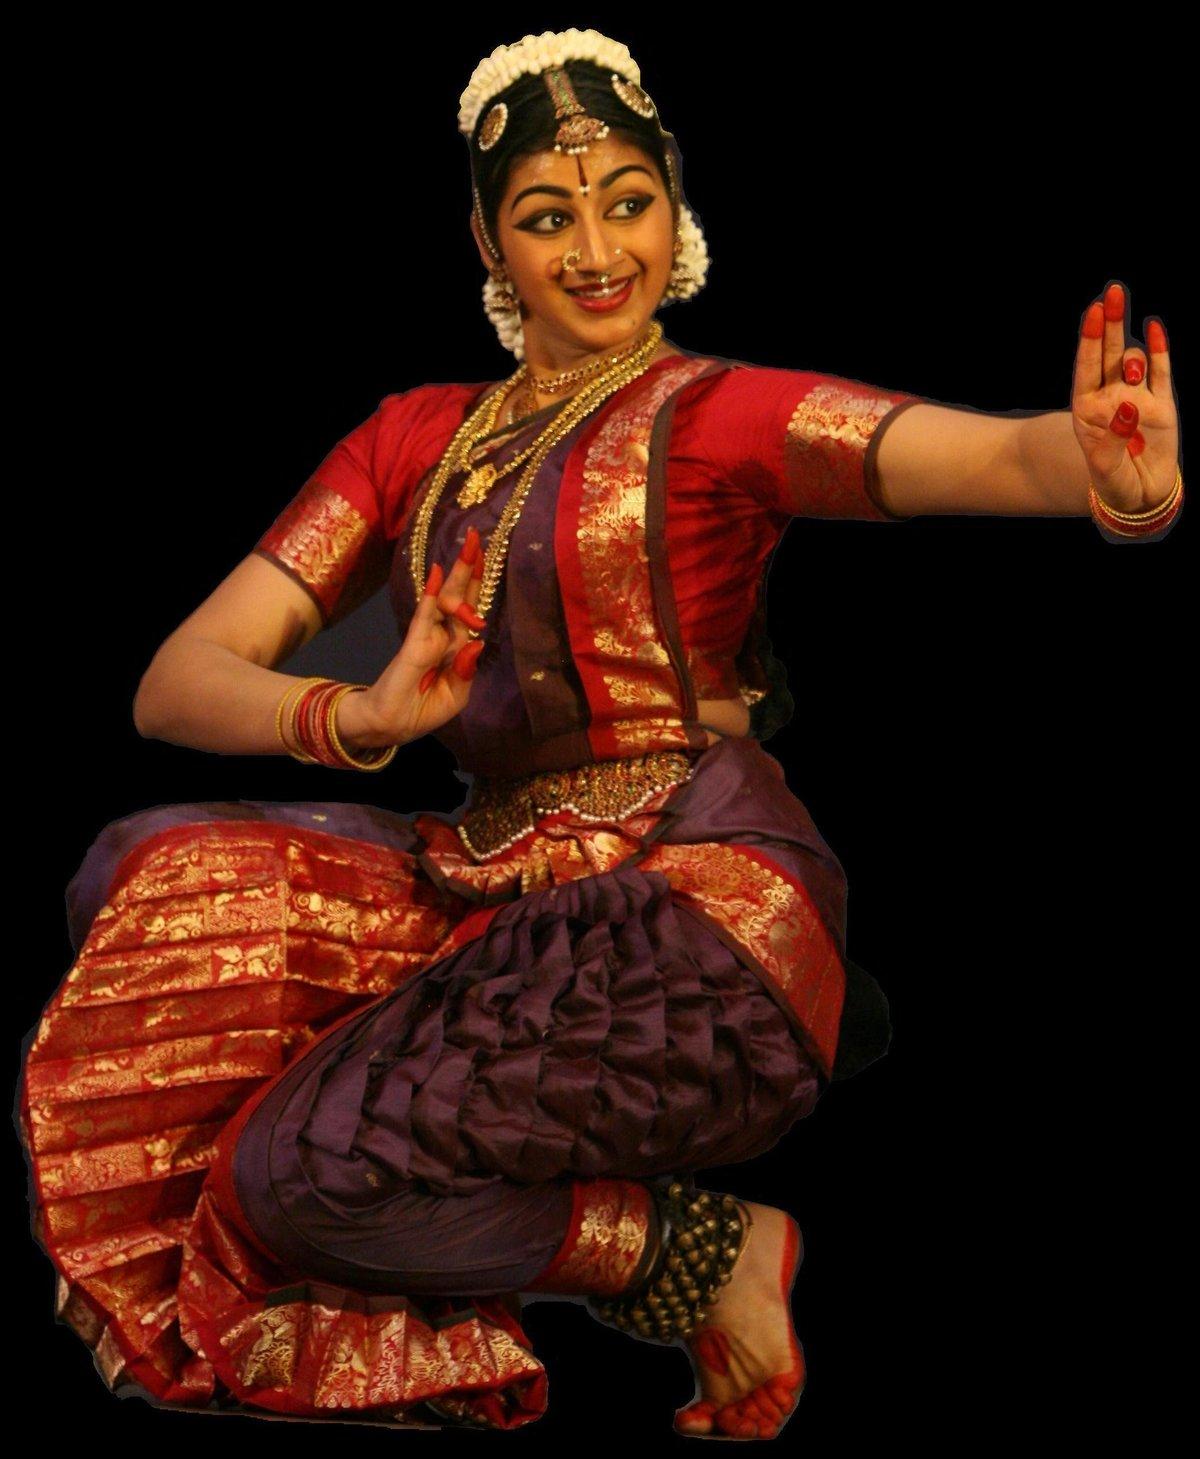 Картинка движение индийского танца